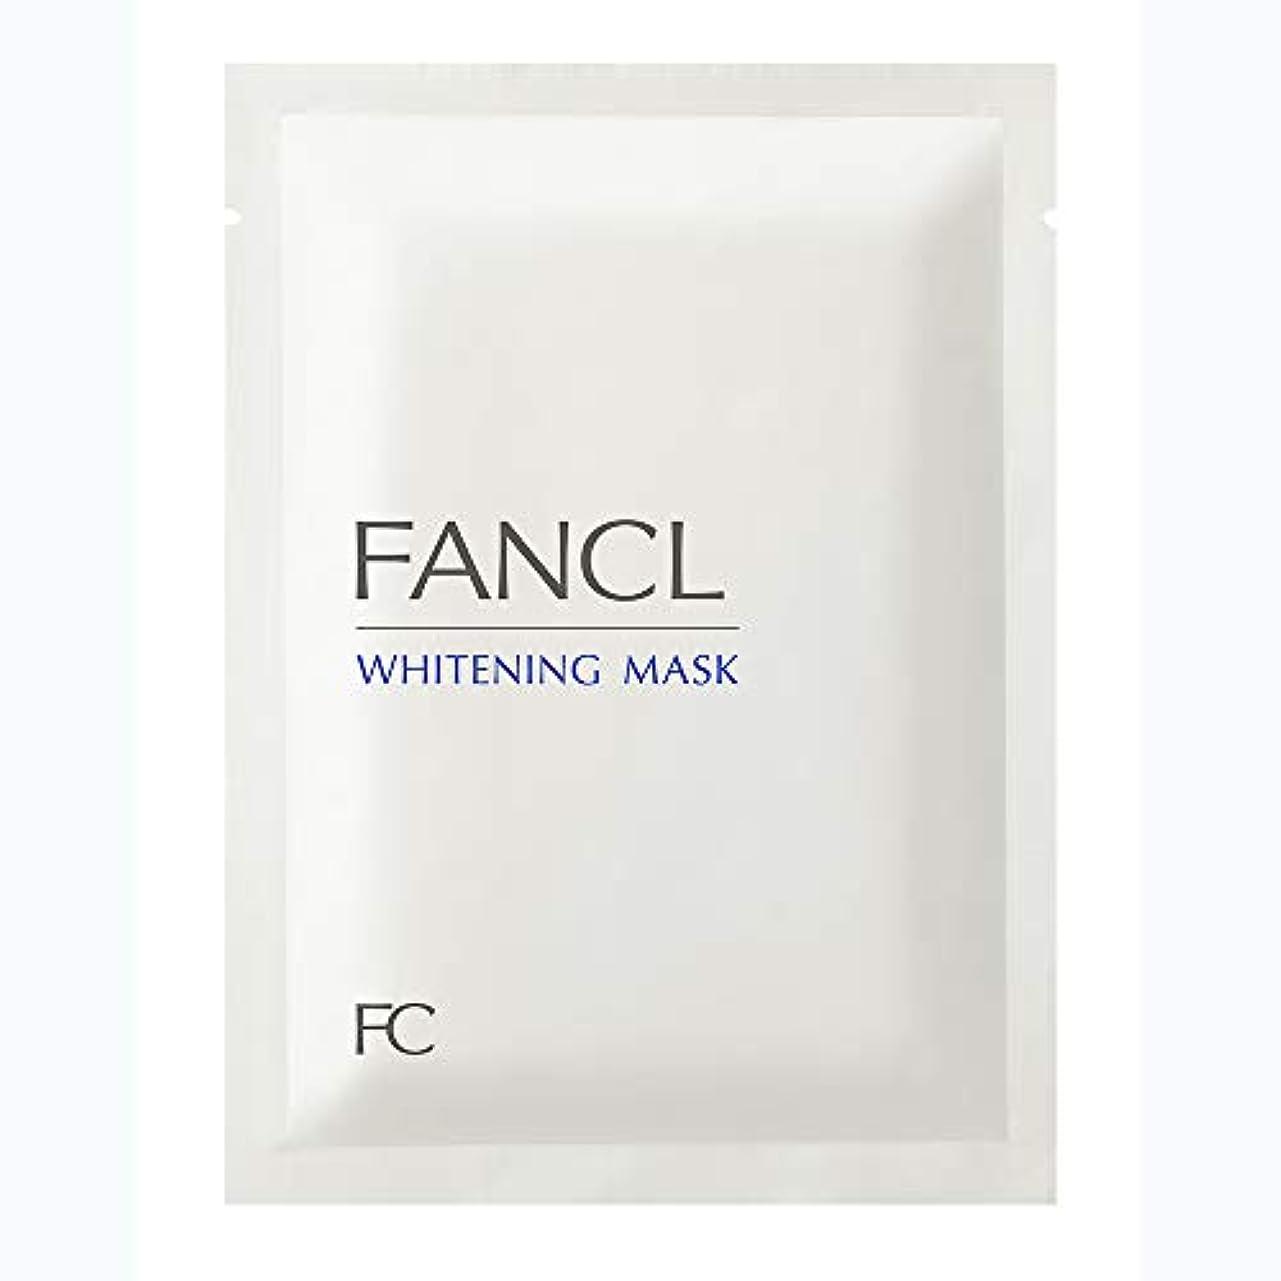 本体急いで勝利新ファンケル(FANCL) ホワイトニング マスク<医薬部外品> 21mL×6枚